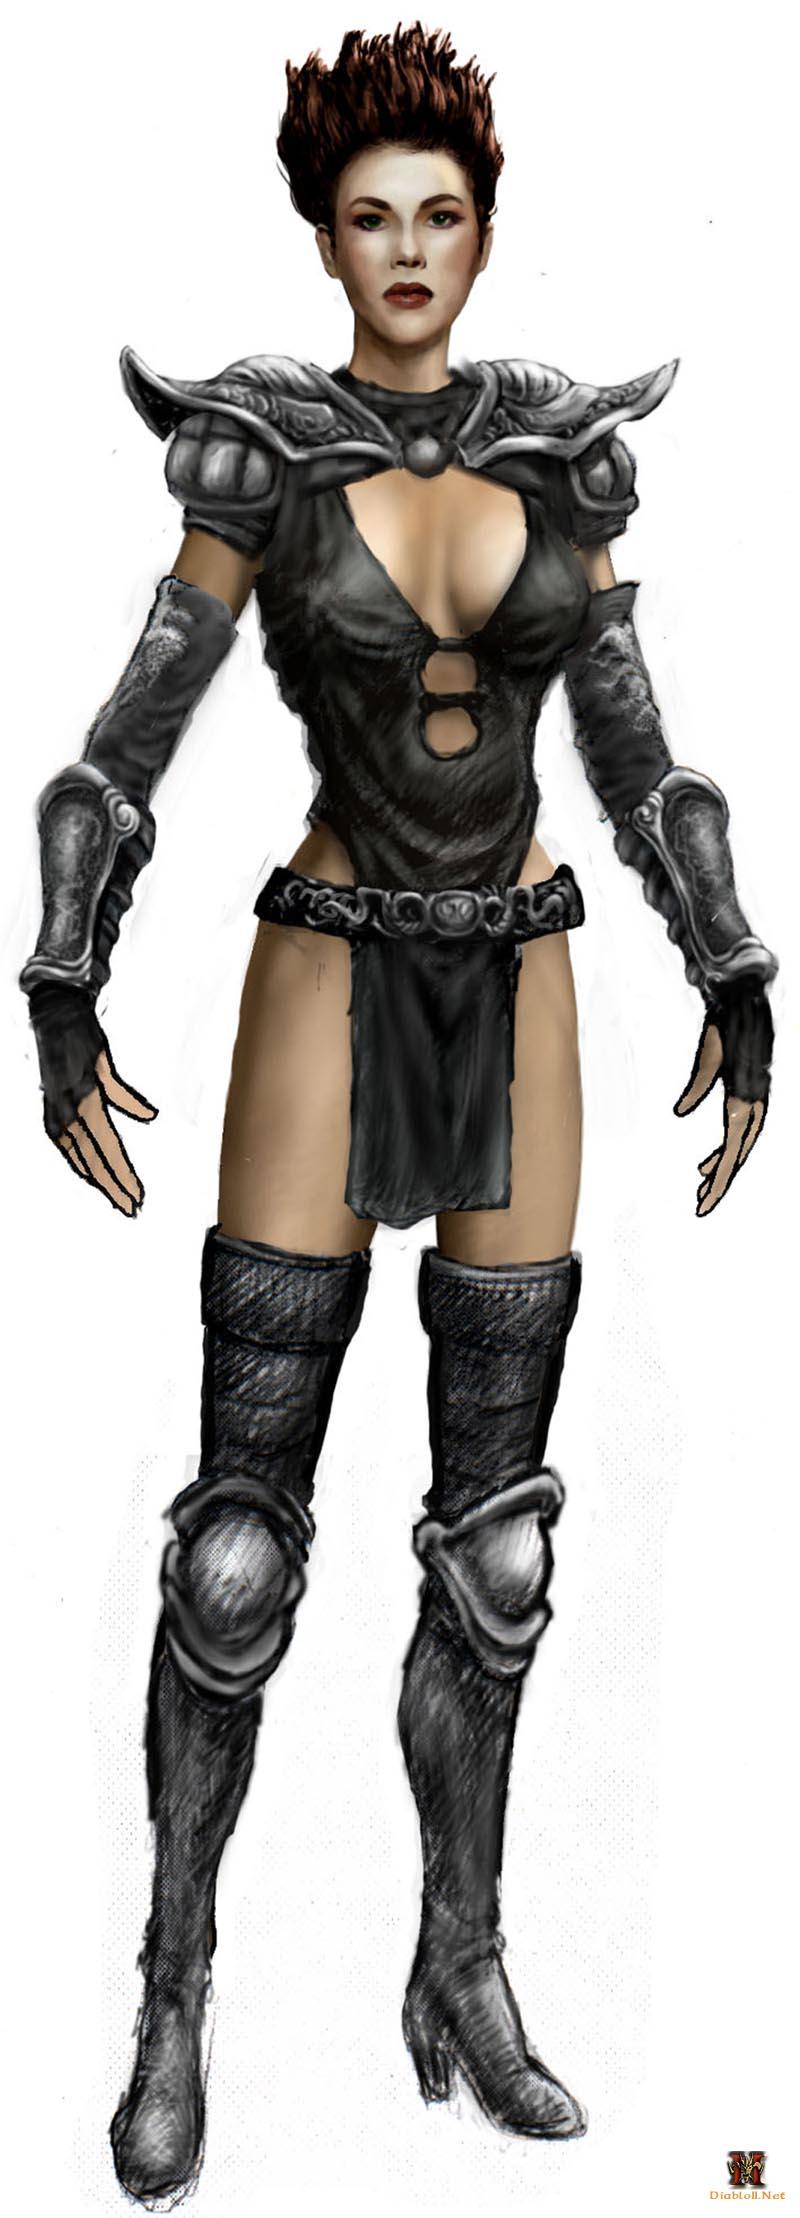 Plik:Assassin Concept.jpg